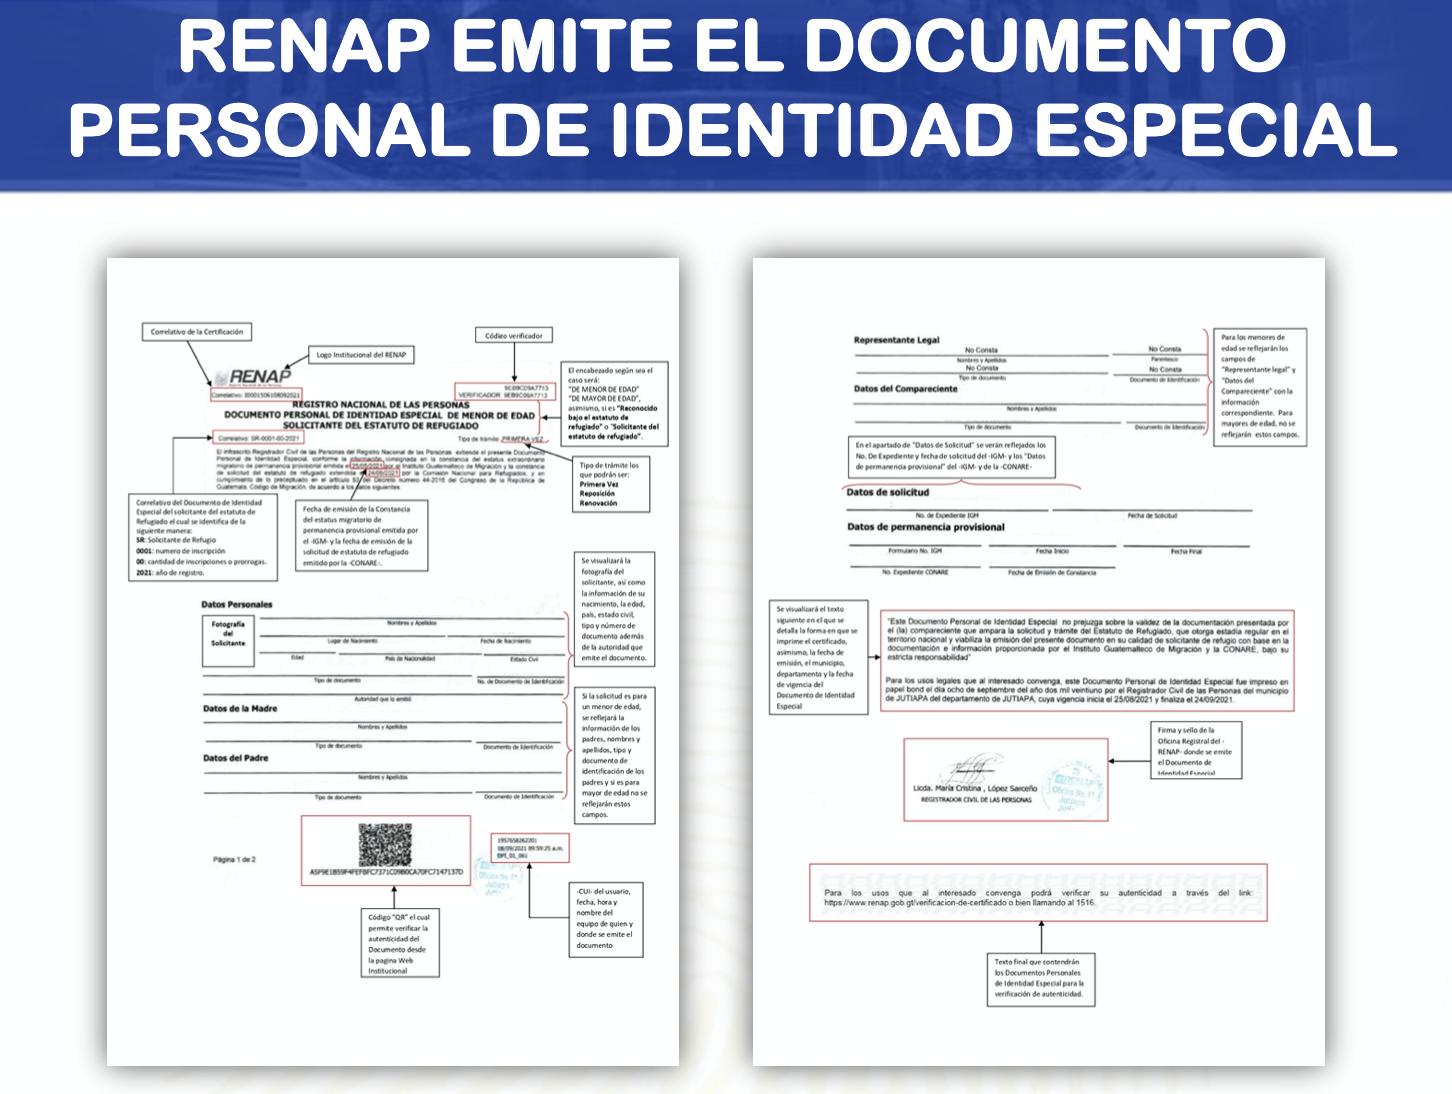 documento personal de identidad especial RENAP